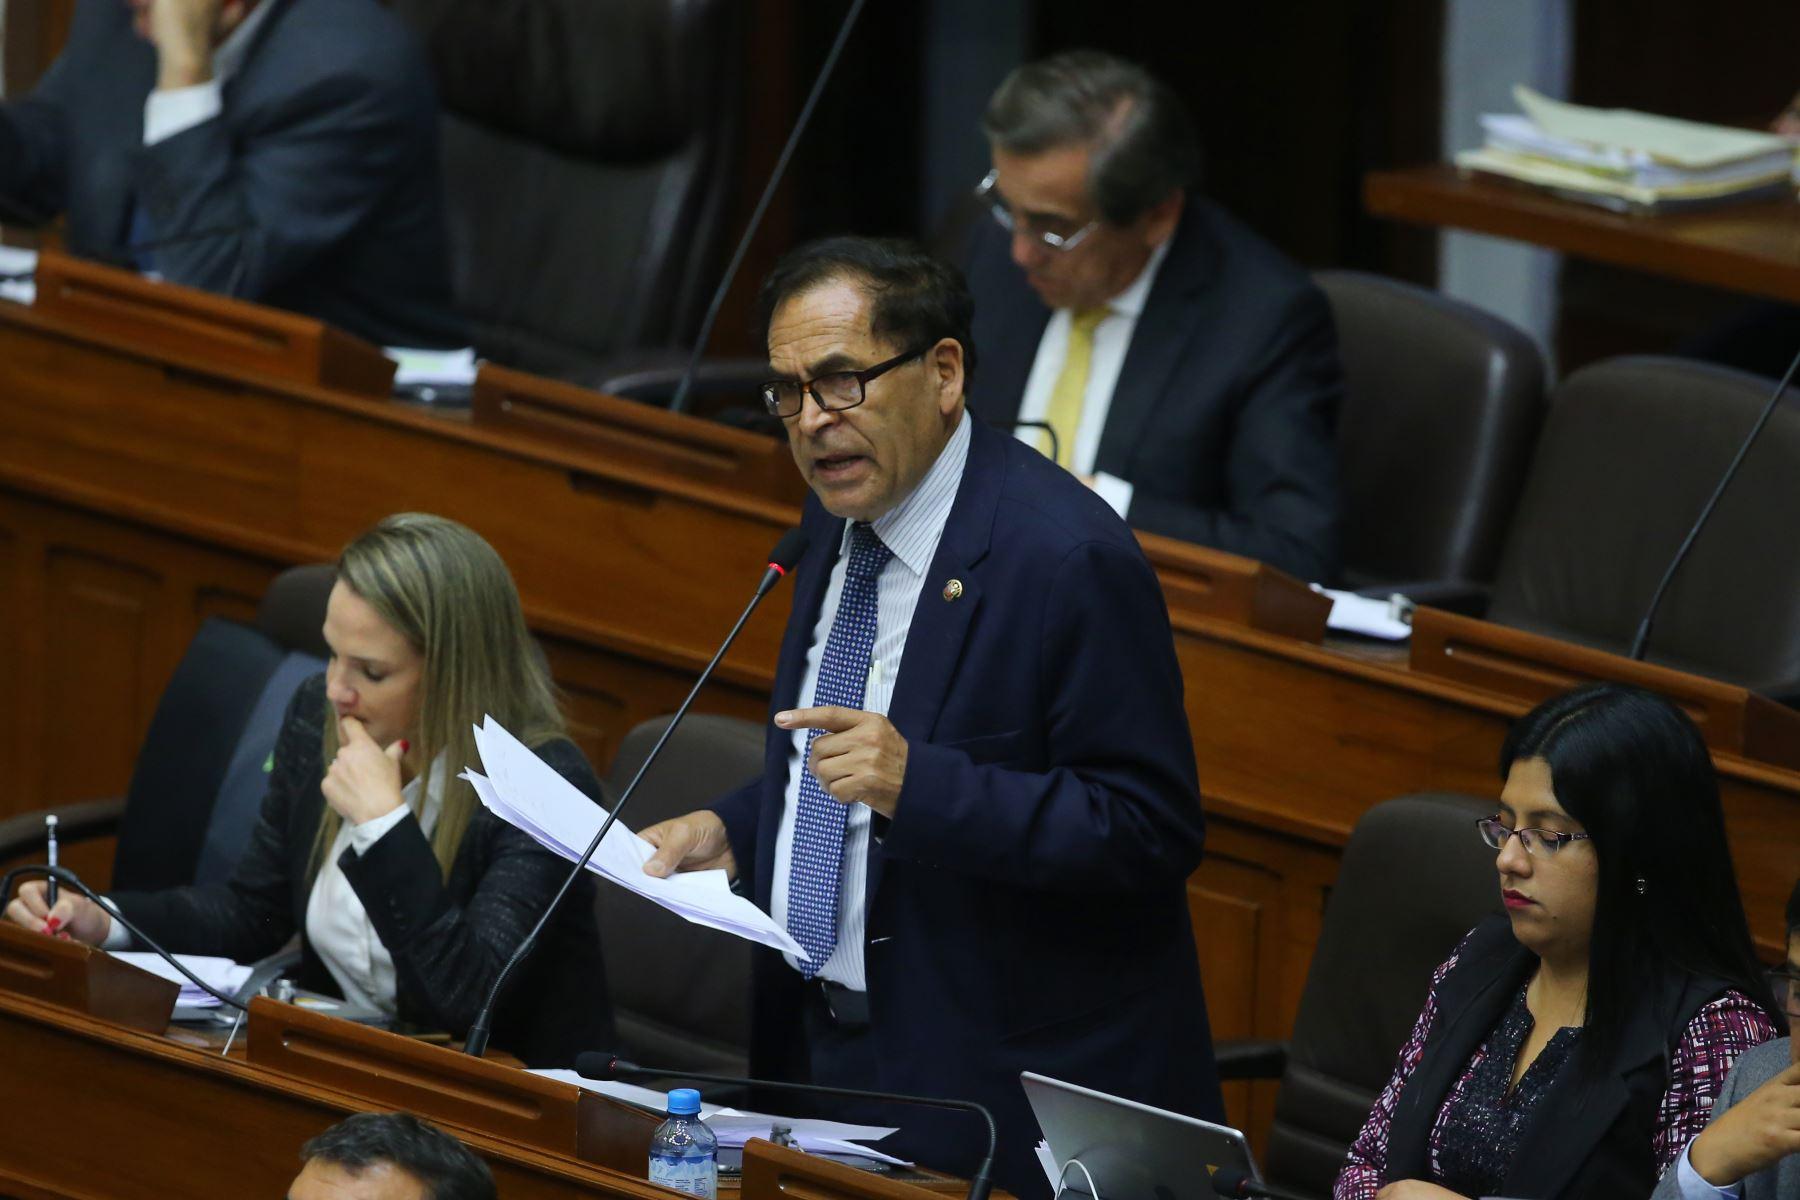 Congresista Alberto Quintanilla  interviene en el debate sobre la cuestión de confianza en el Congreso de la República. Foto: ANDINA/Vidal Tarqui